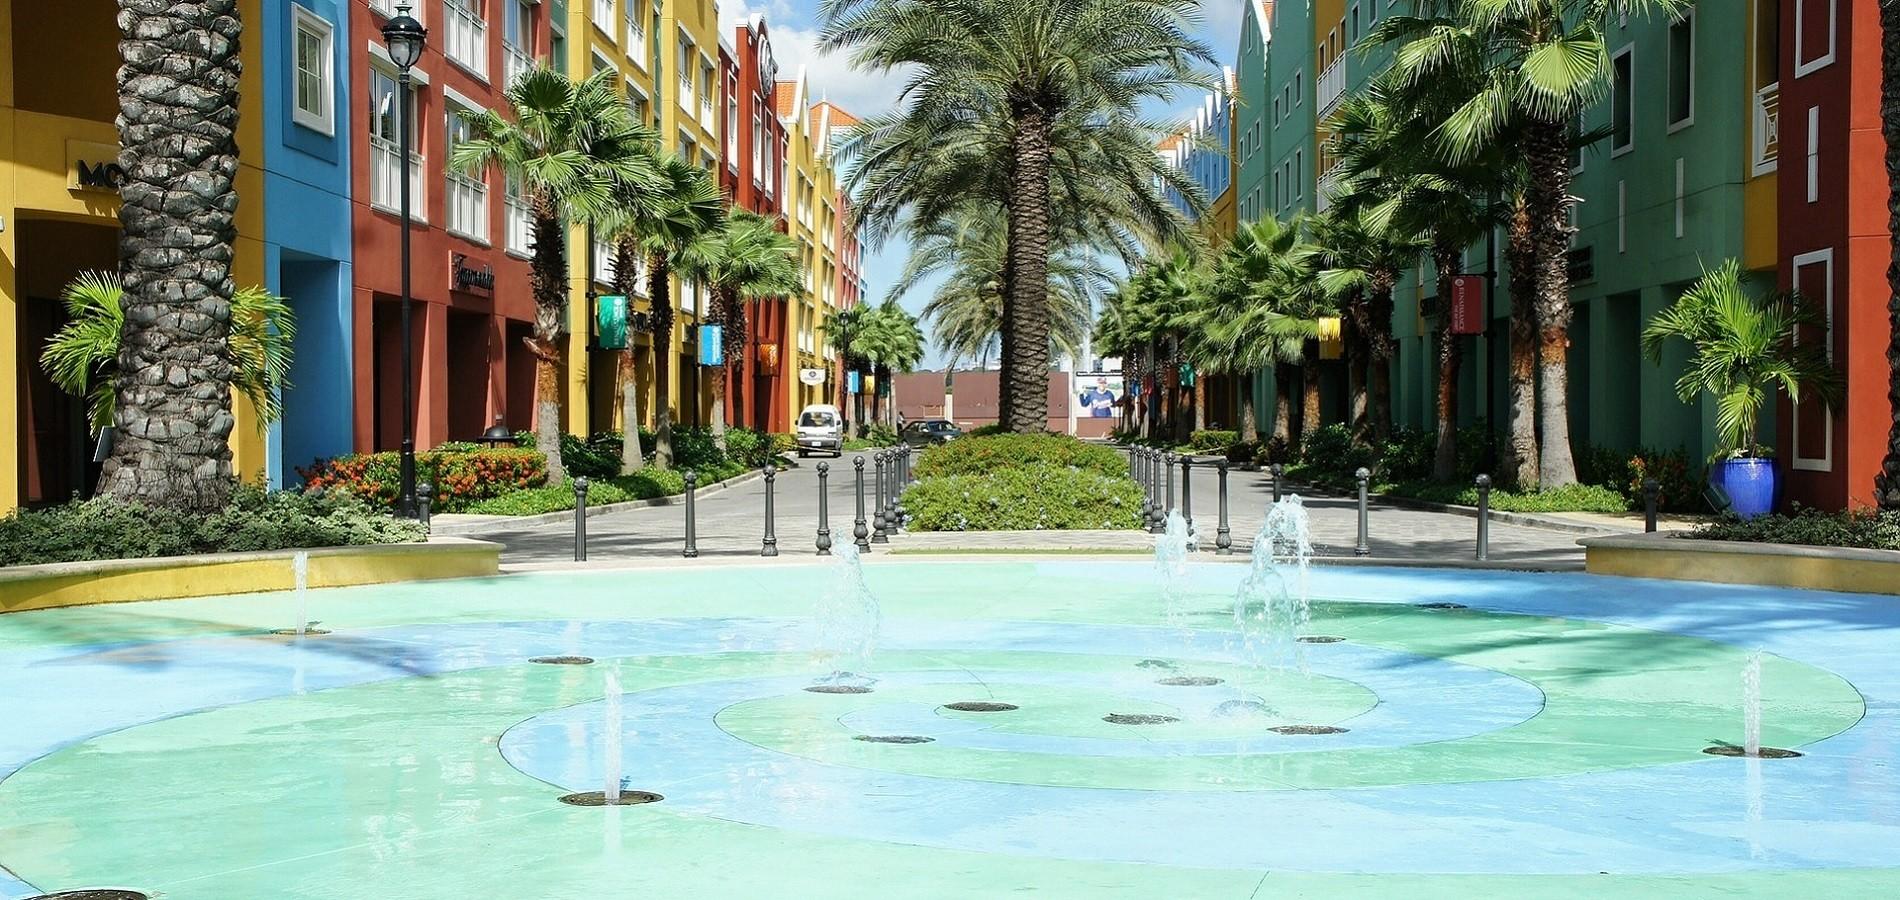 Provjerite zašto je putovanje na Curacao omiljena destinacija dobrostojećih Europljana.